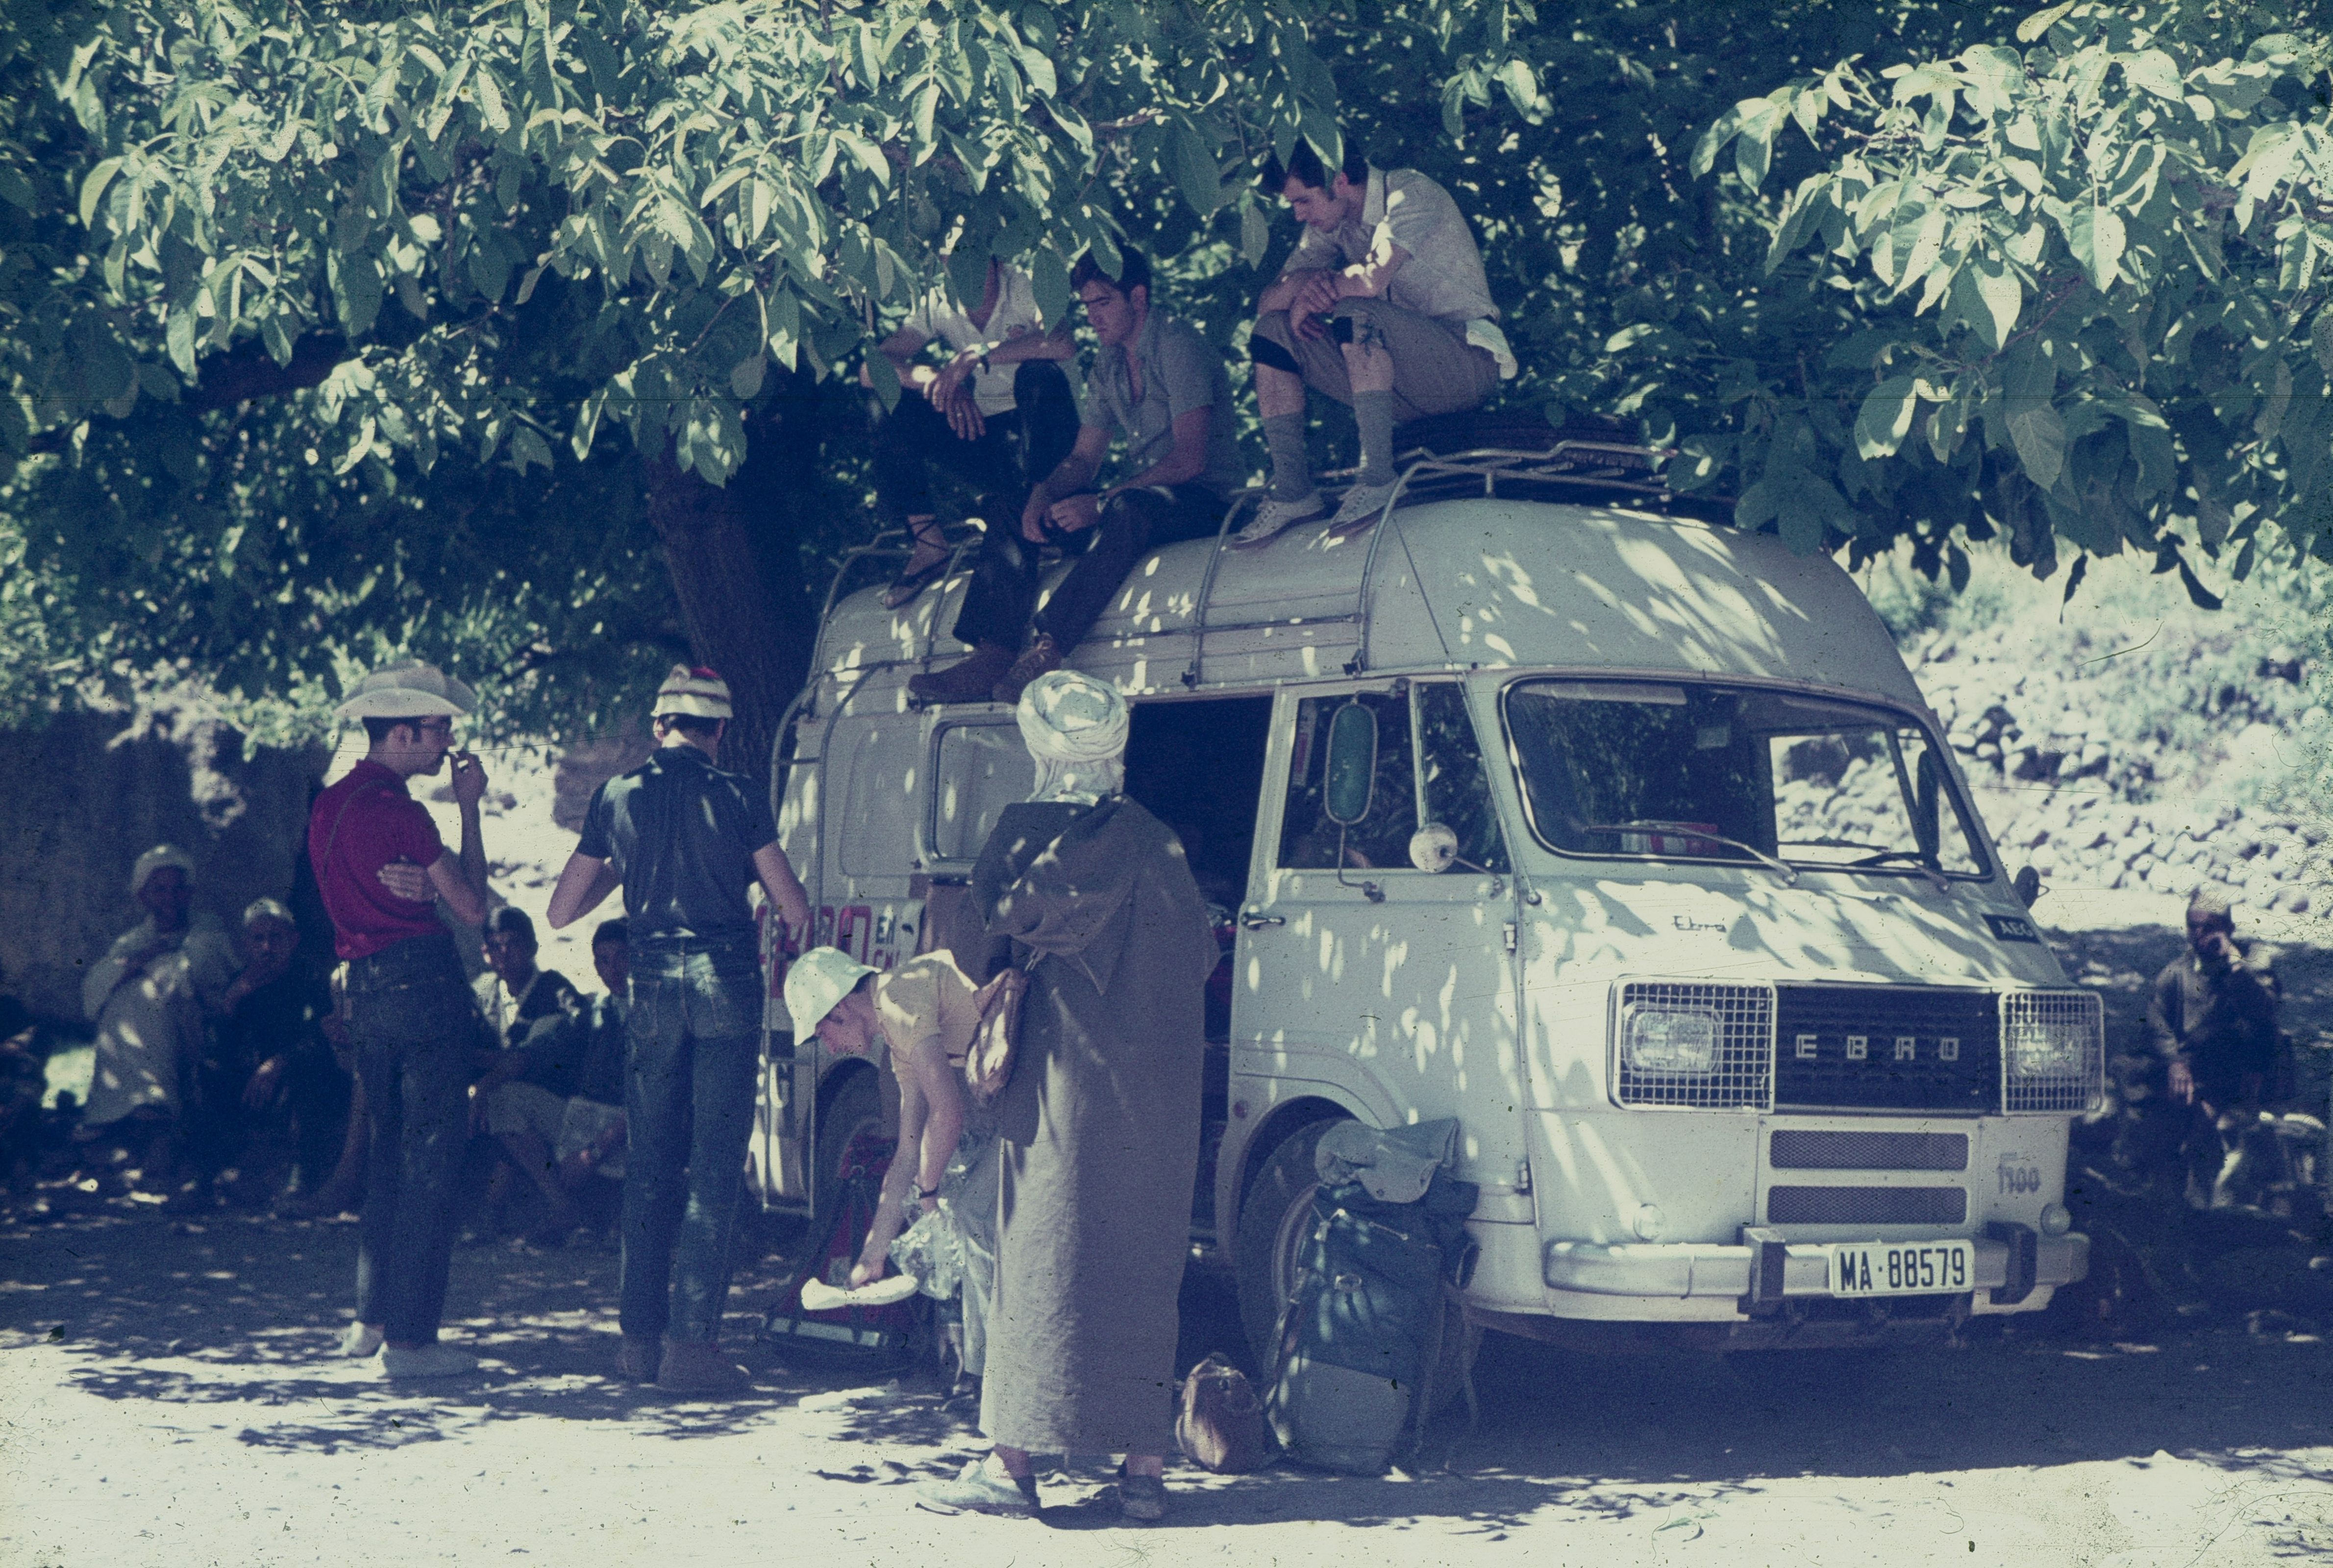 Aparcament a Imlil negociant per les mules que els portarien al refugi Neltner